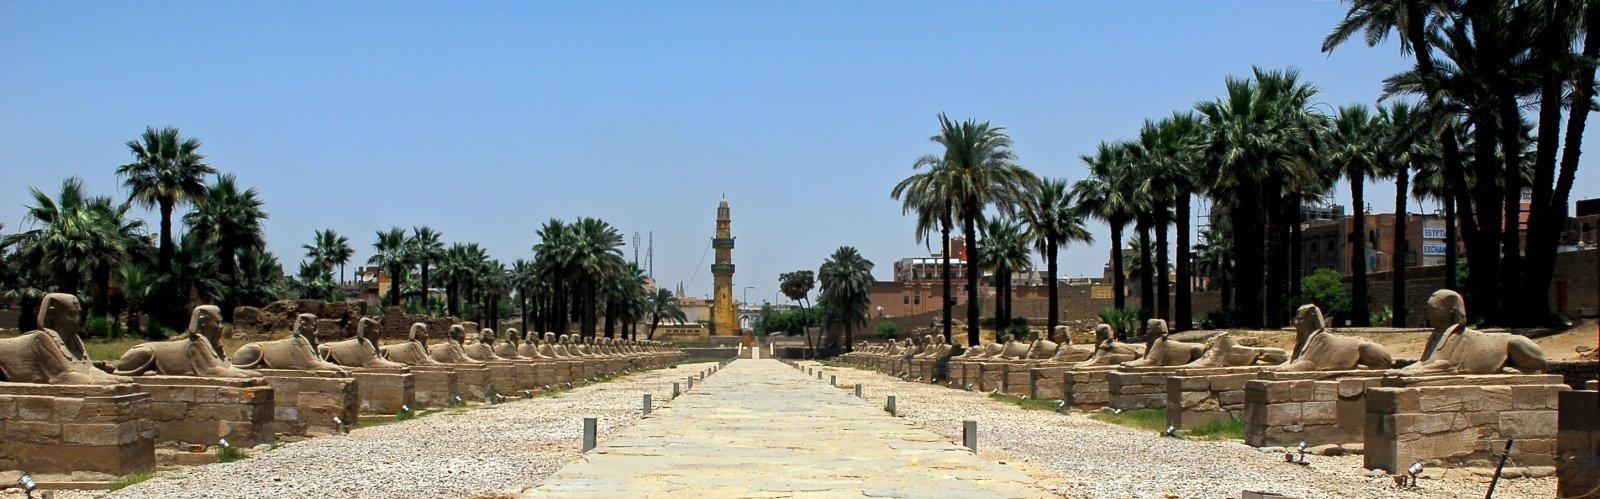 Egypt.07.13